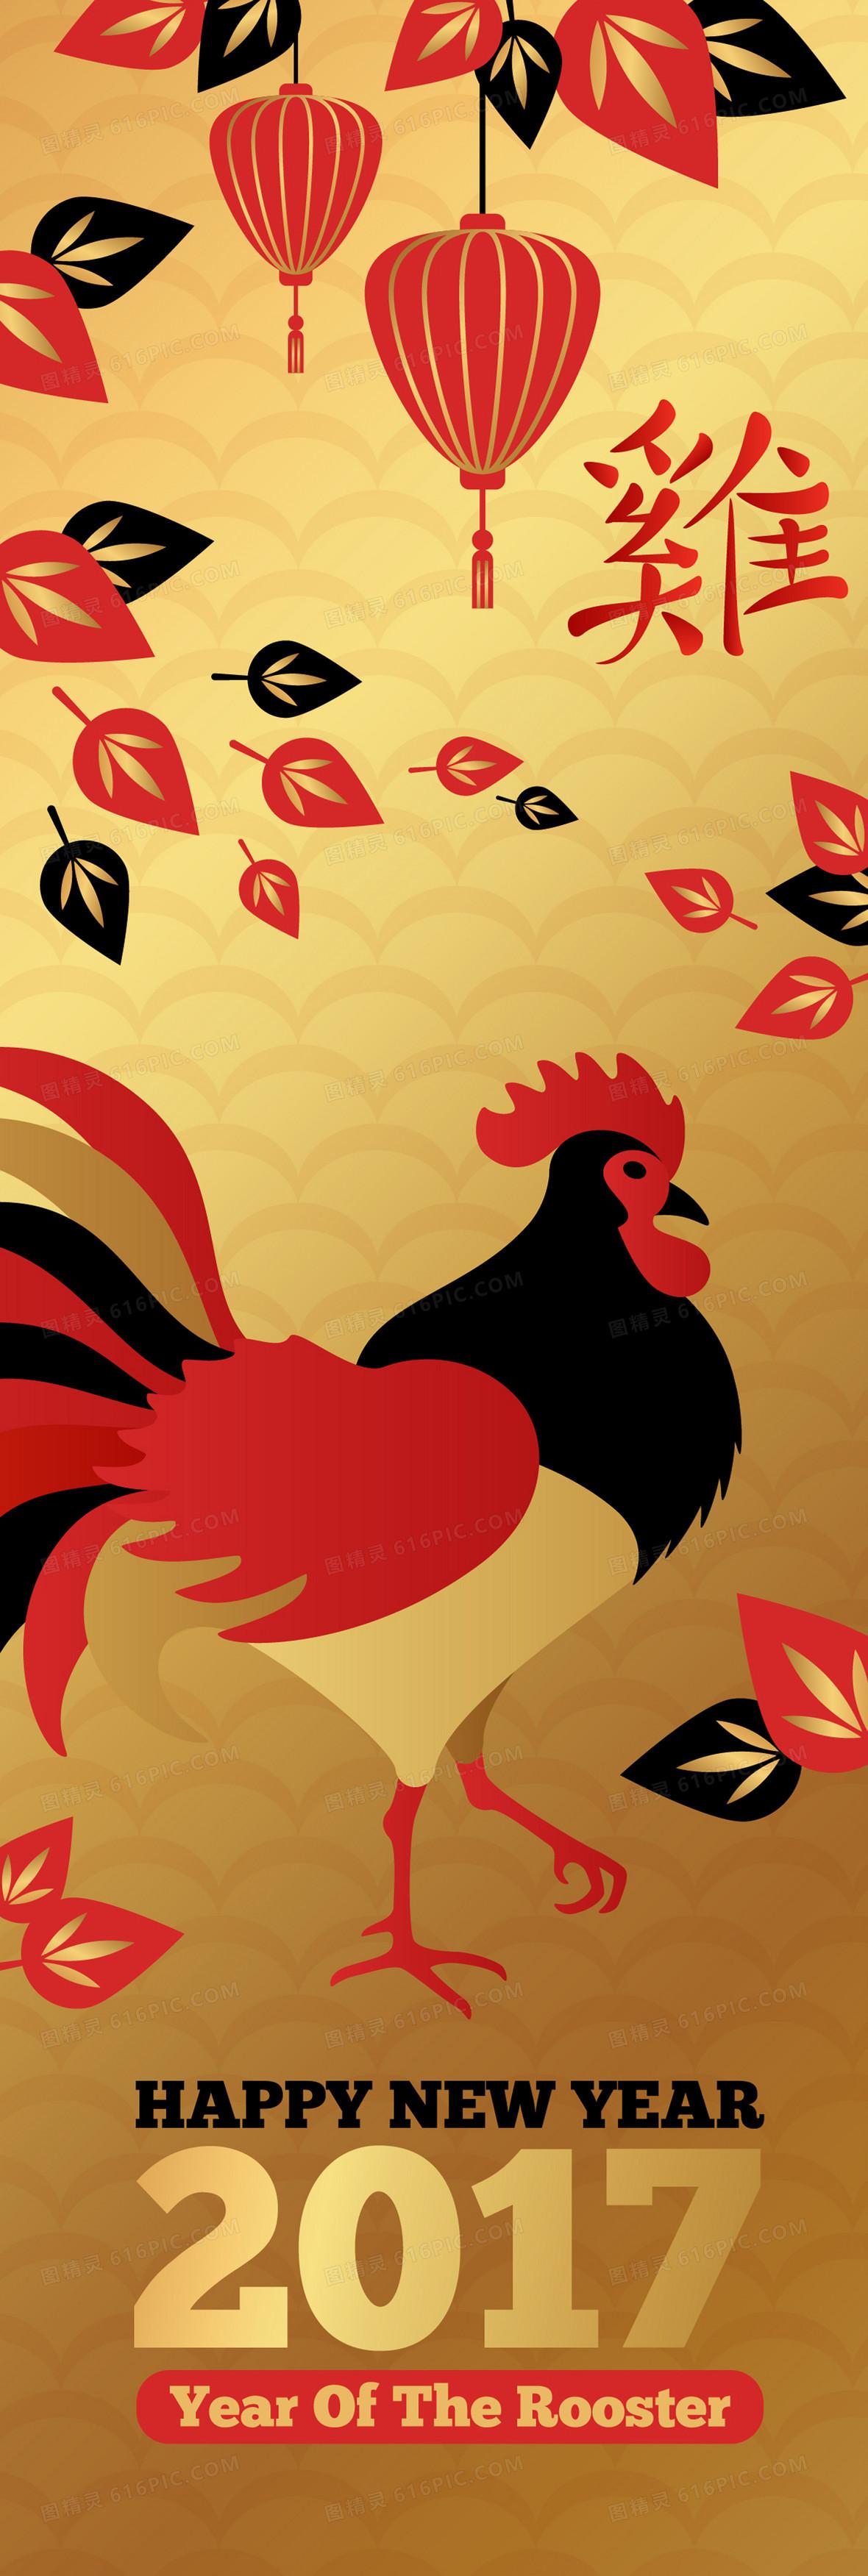 2017金色背景鸡年海报素材